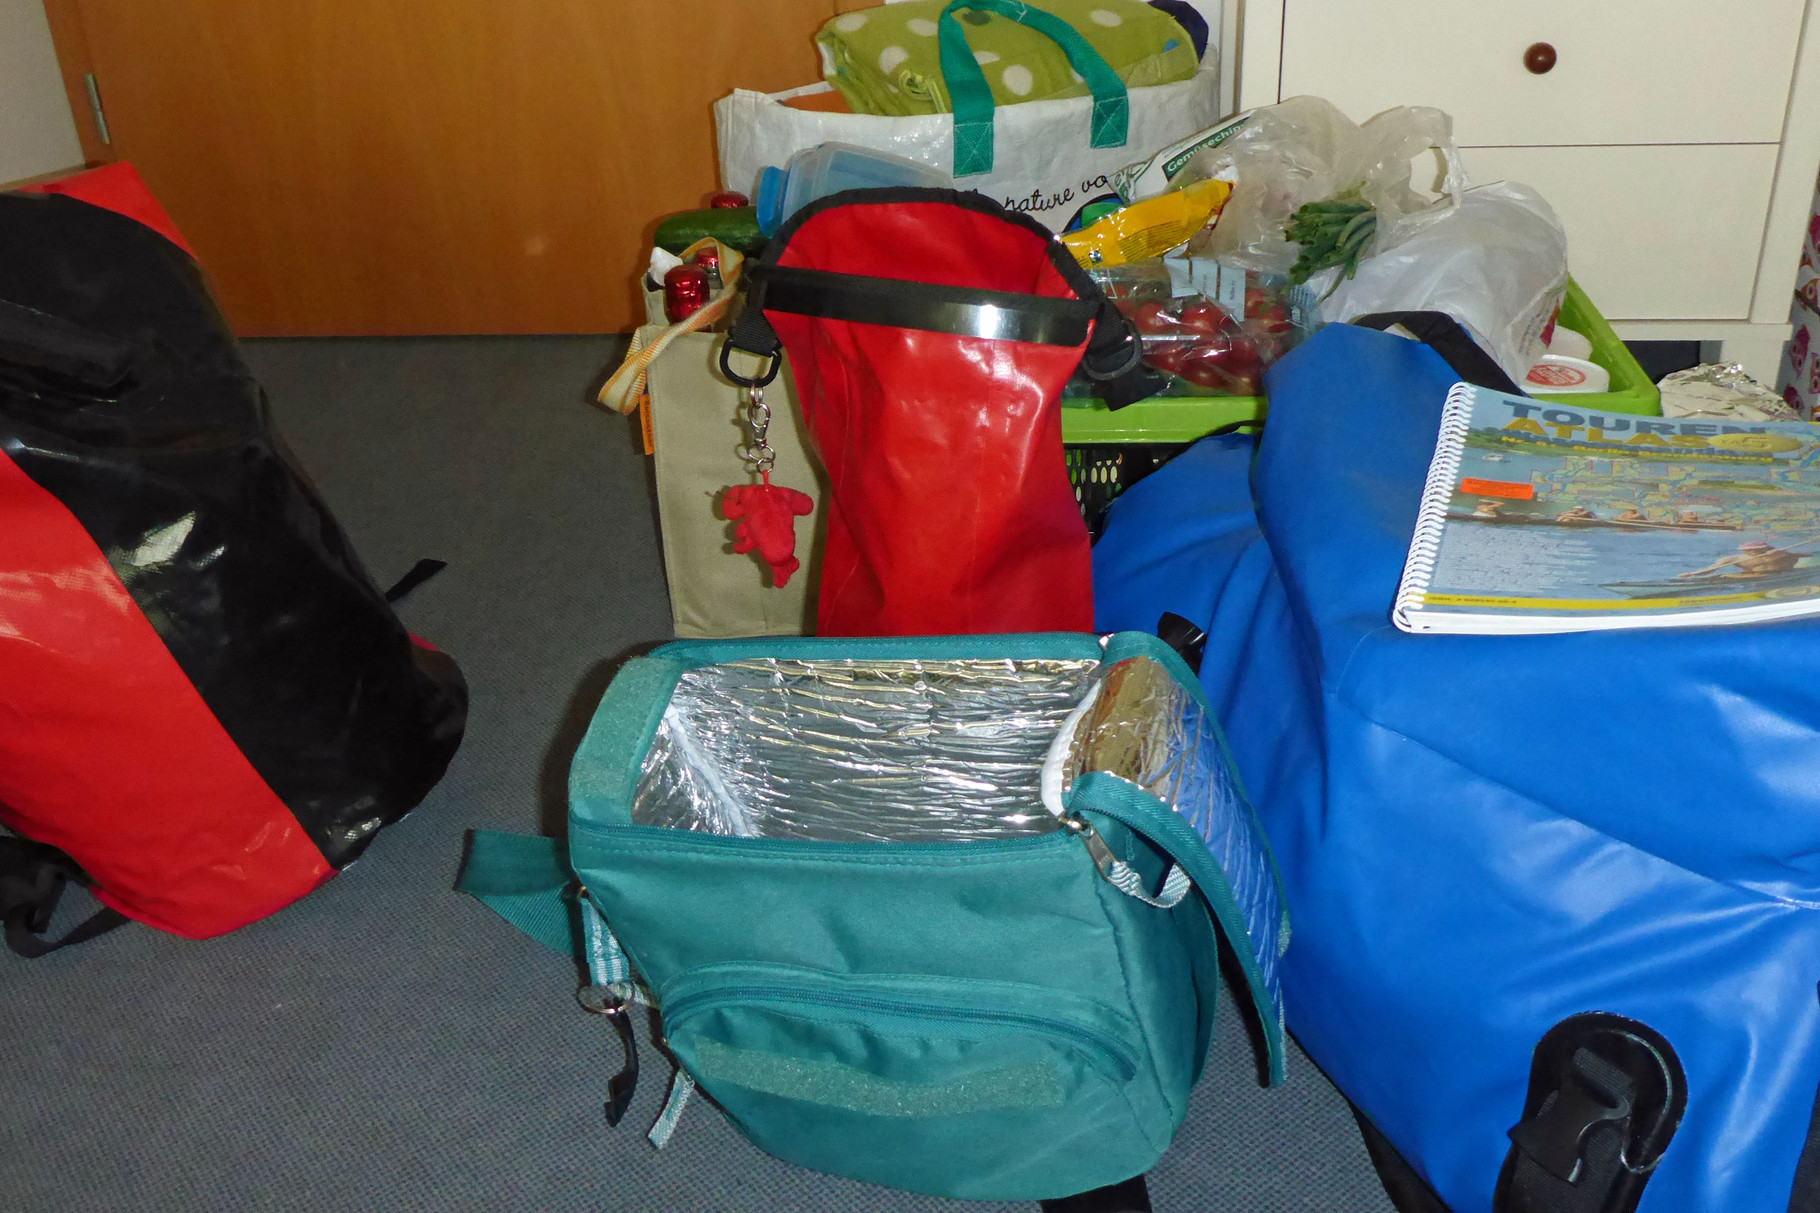 So viel Gepäck muss mit - x6!